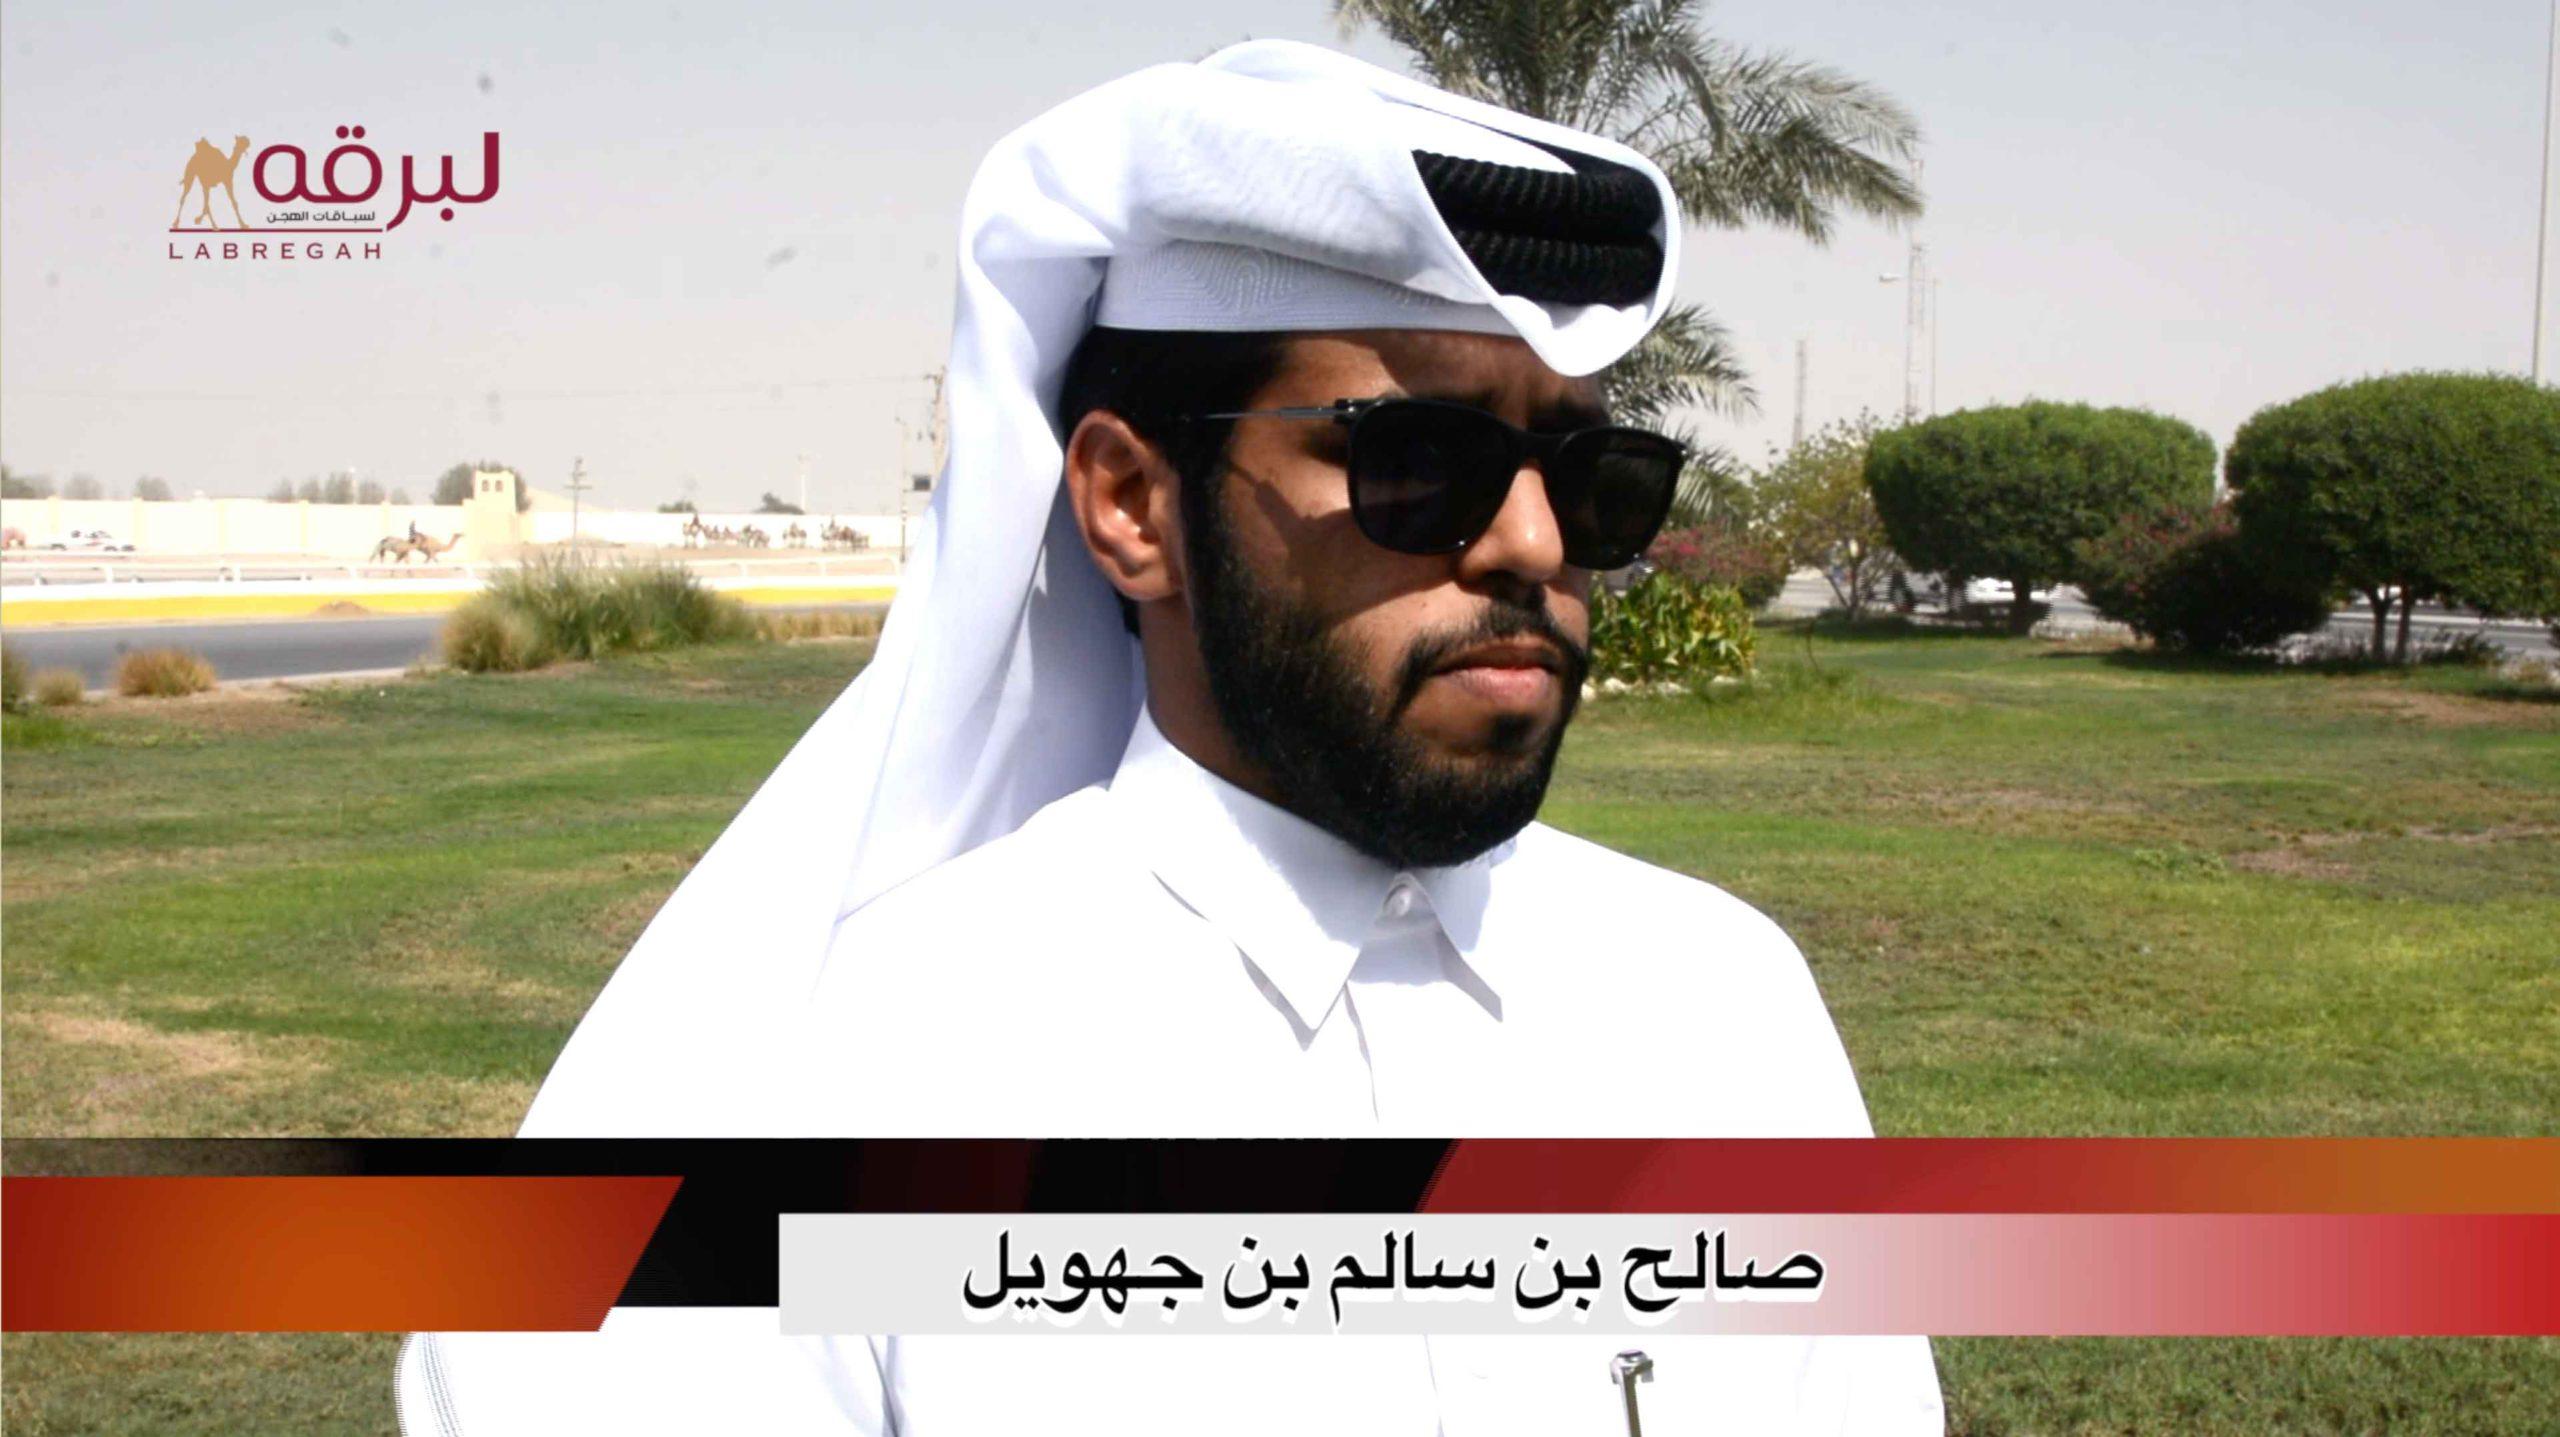 لقاء مع صالح بن سالم بن جهويل.. الشوط الرئيسي للقايا قعدان مفتوح صباح ٢١-٩-٢٠٢٠